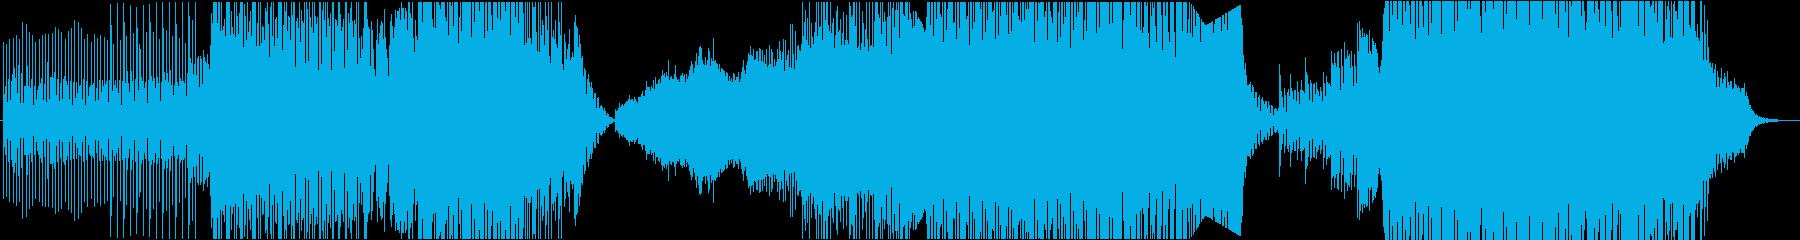 トランスBGM、EDM、ダンスフロアの再生済みの波形